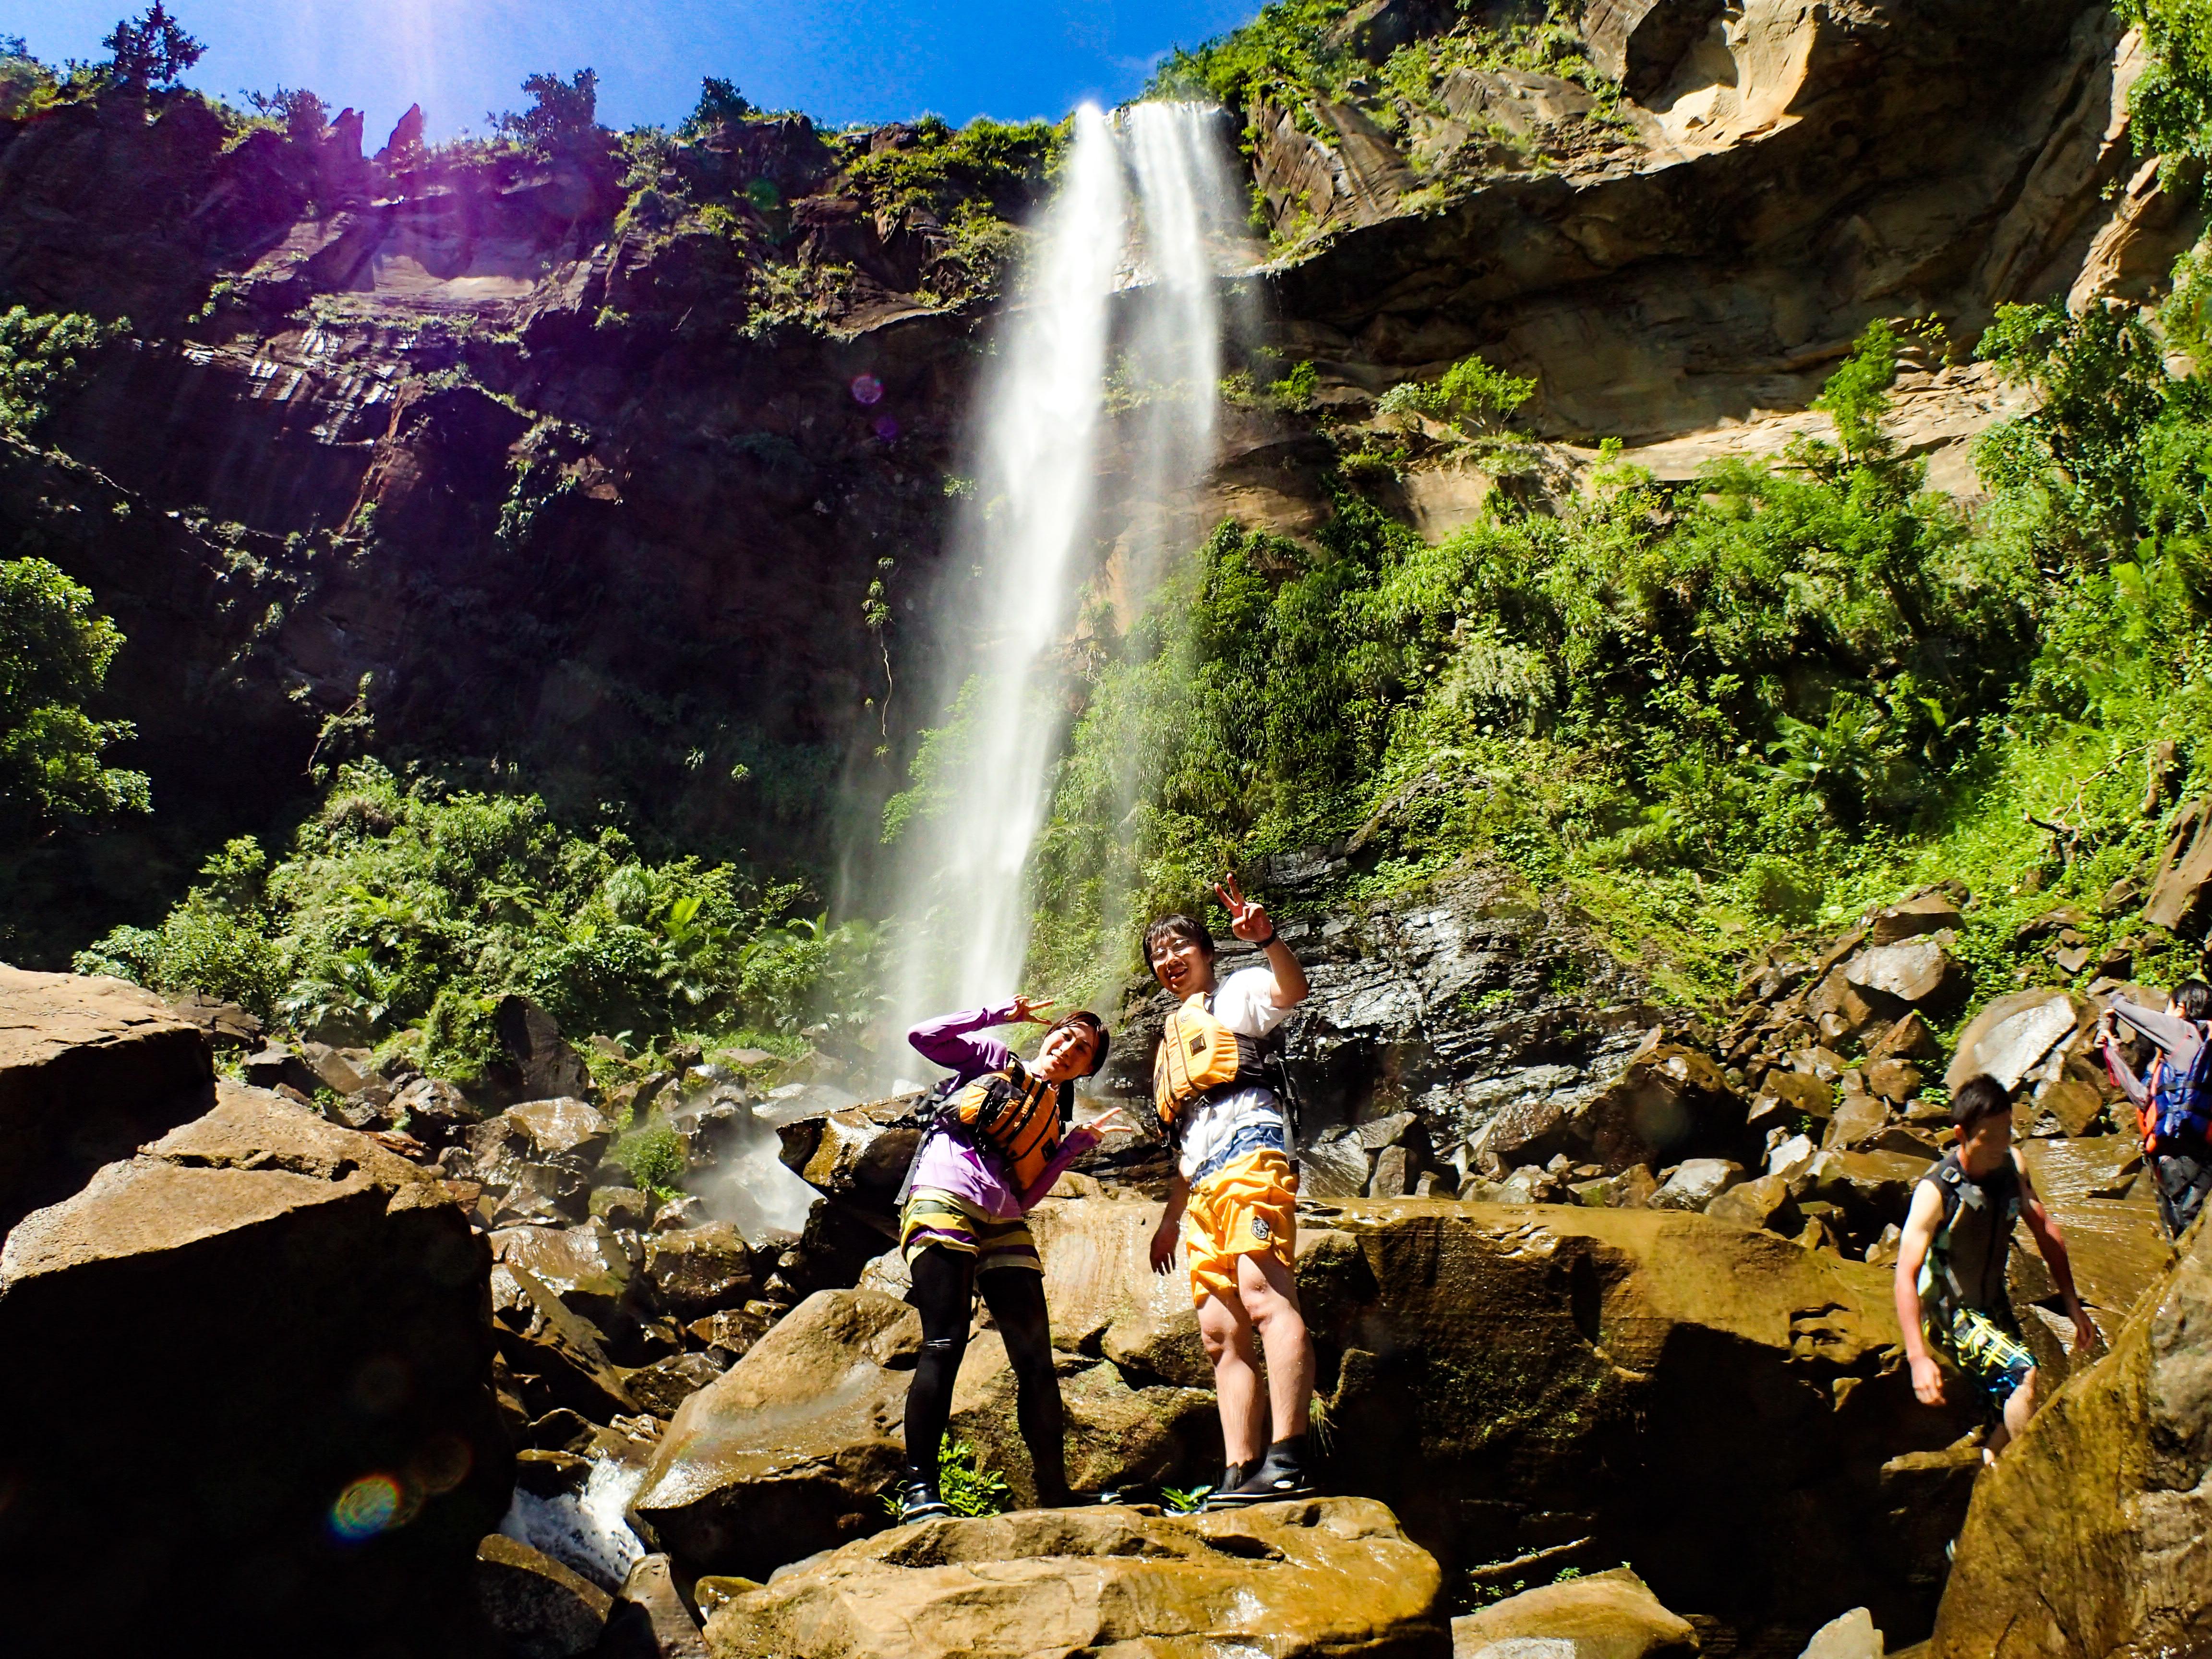 沖縄県下一の落差を持つピナイサーラの滝前で写真撮影